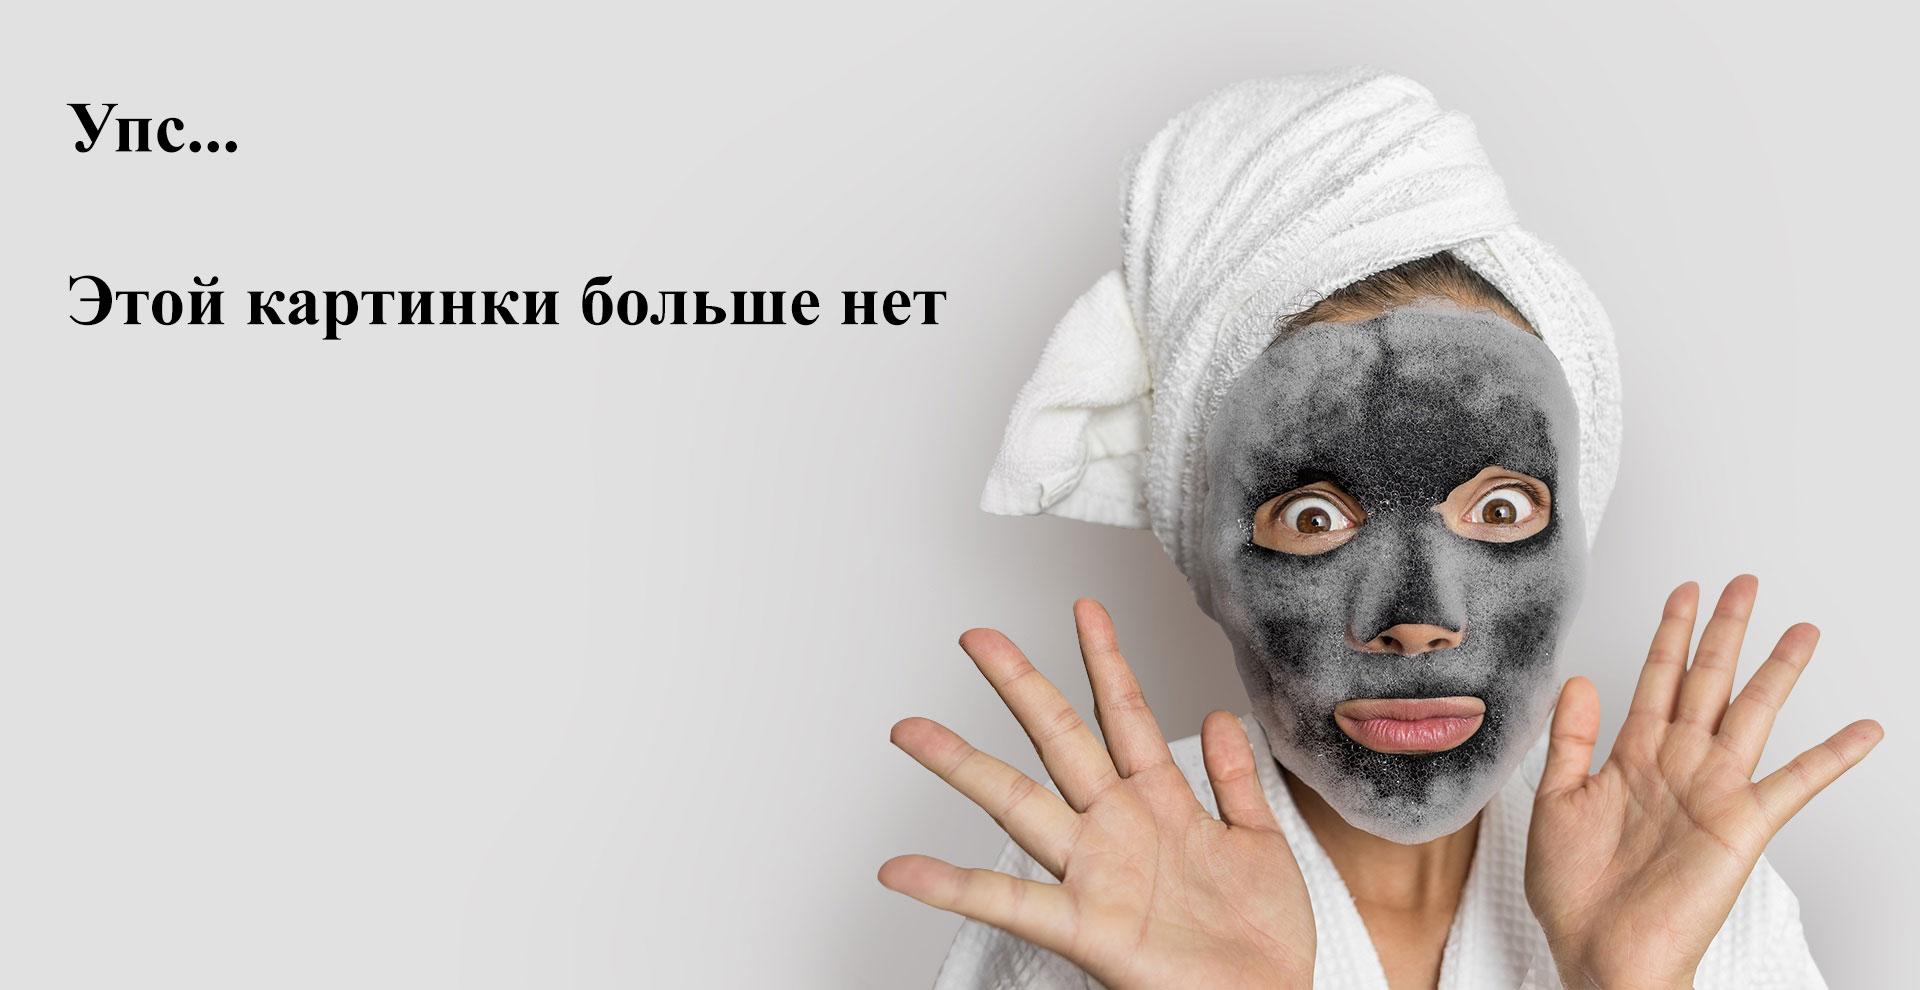 Farmona, Витаминный крем-маска для рук, ногтей и кутикулы Artist, 280 мл